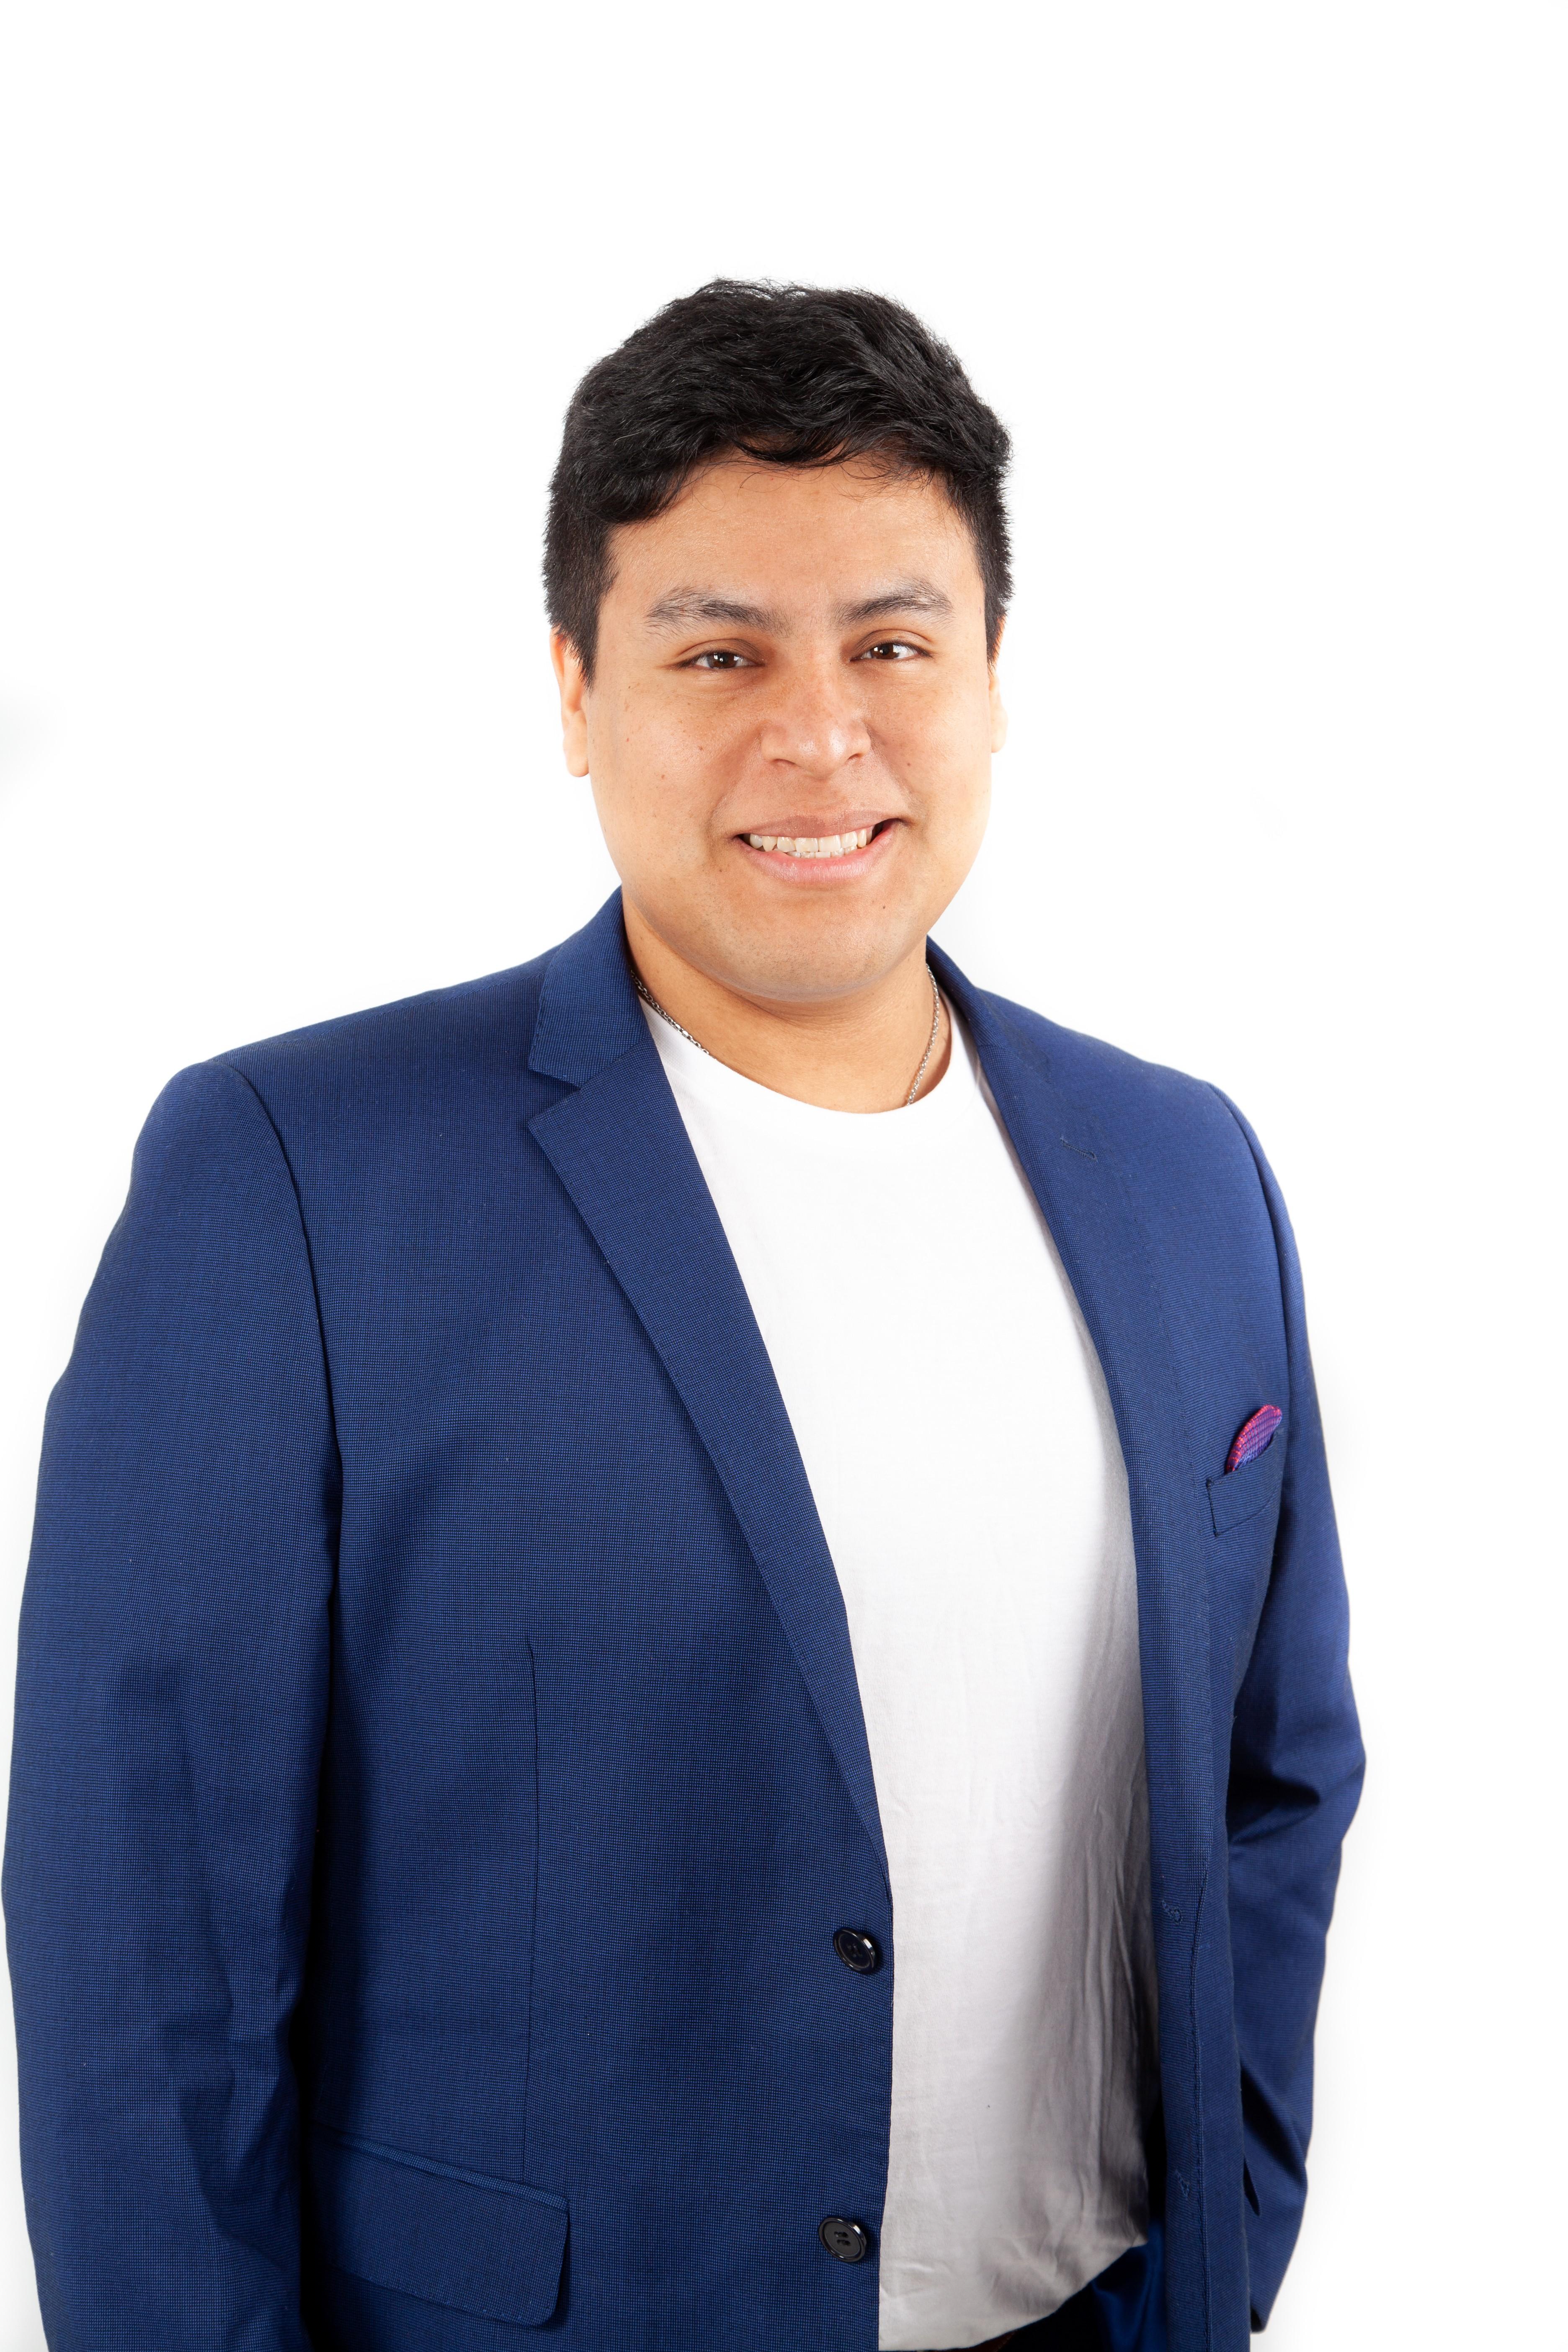 Kevin Delgado Briceño